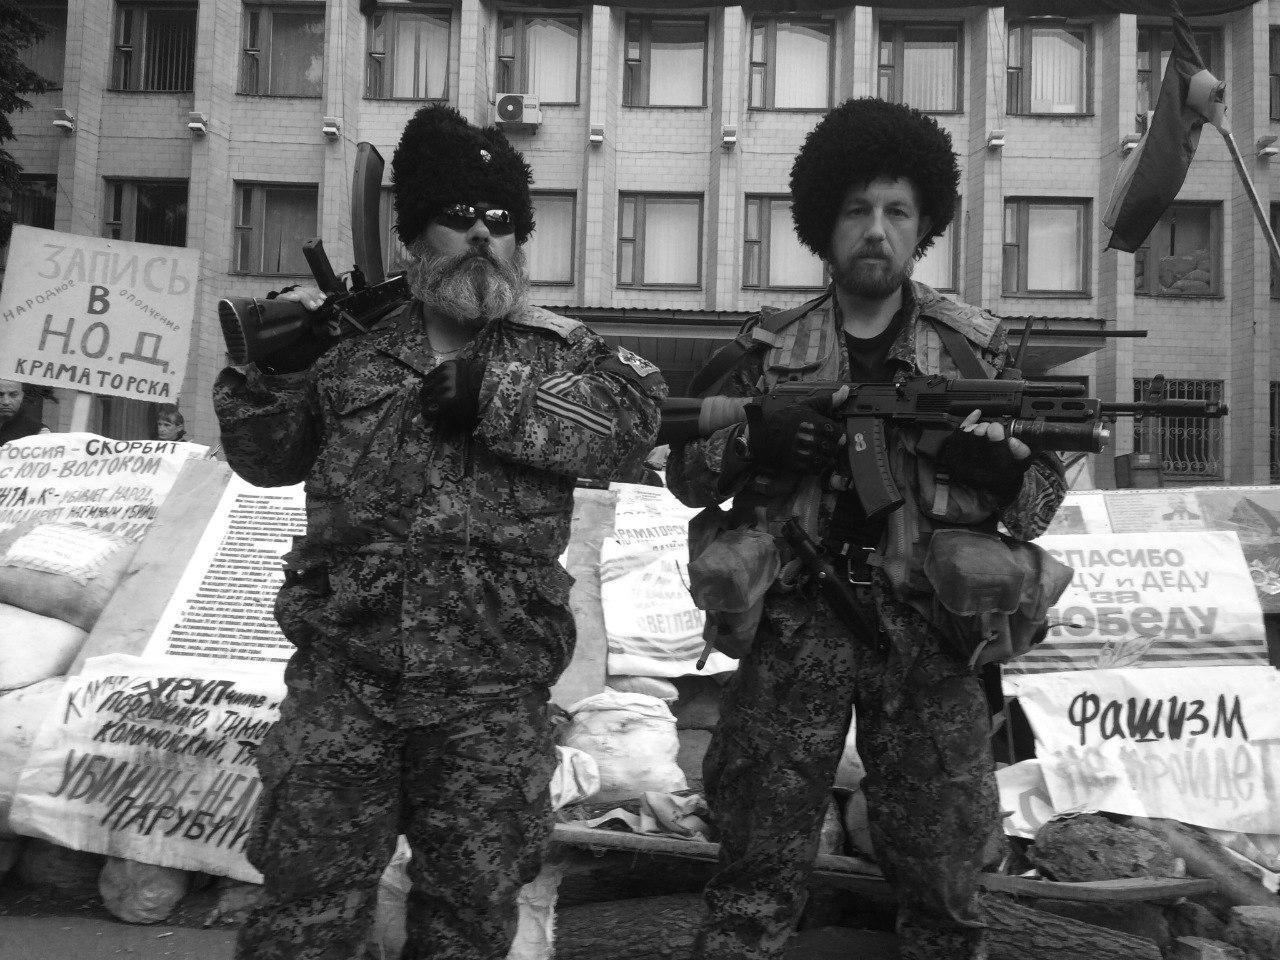 Обнародован список российских журналистов, которым может быть запрещен въезд в Украину - Цензор.НЕТ 1444